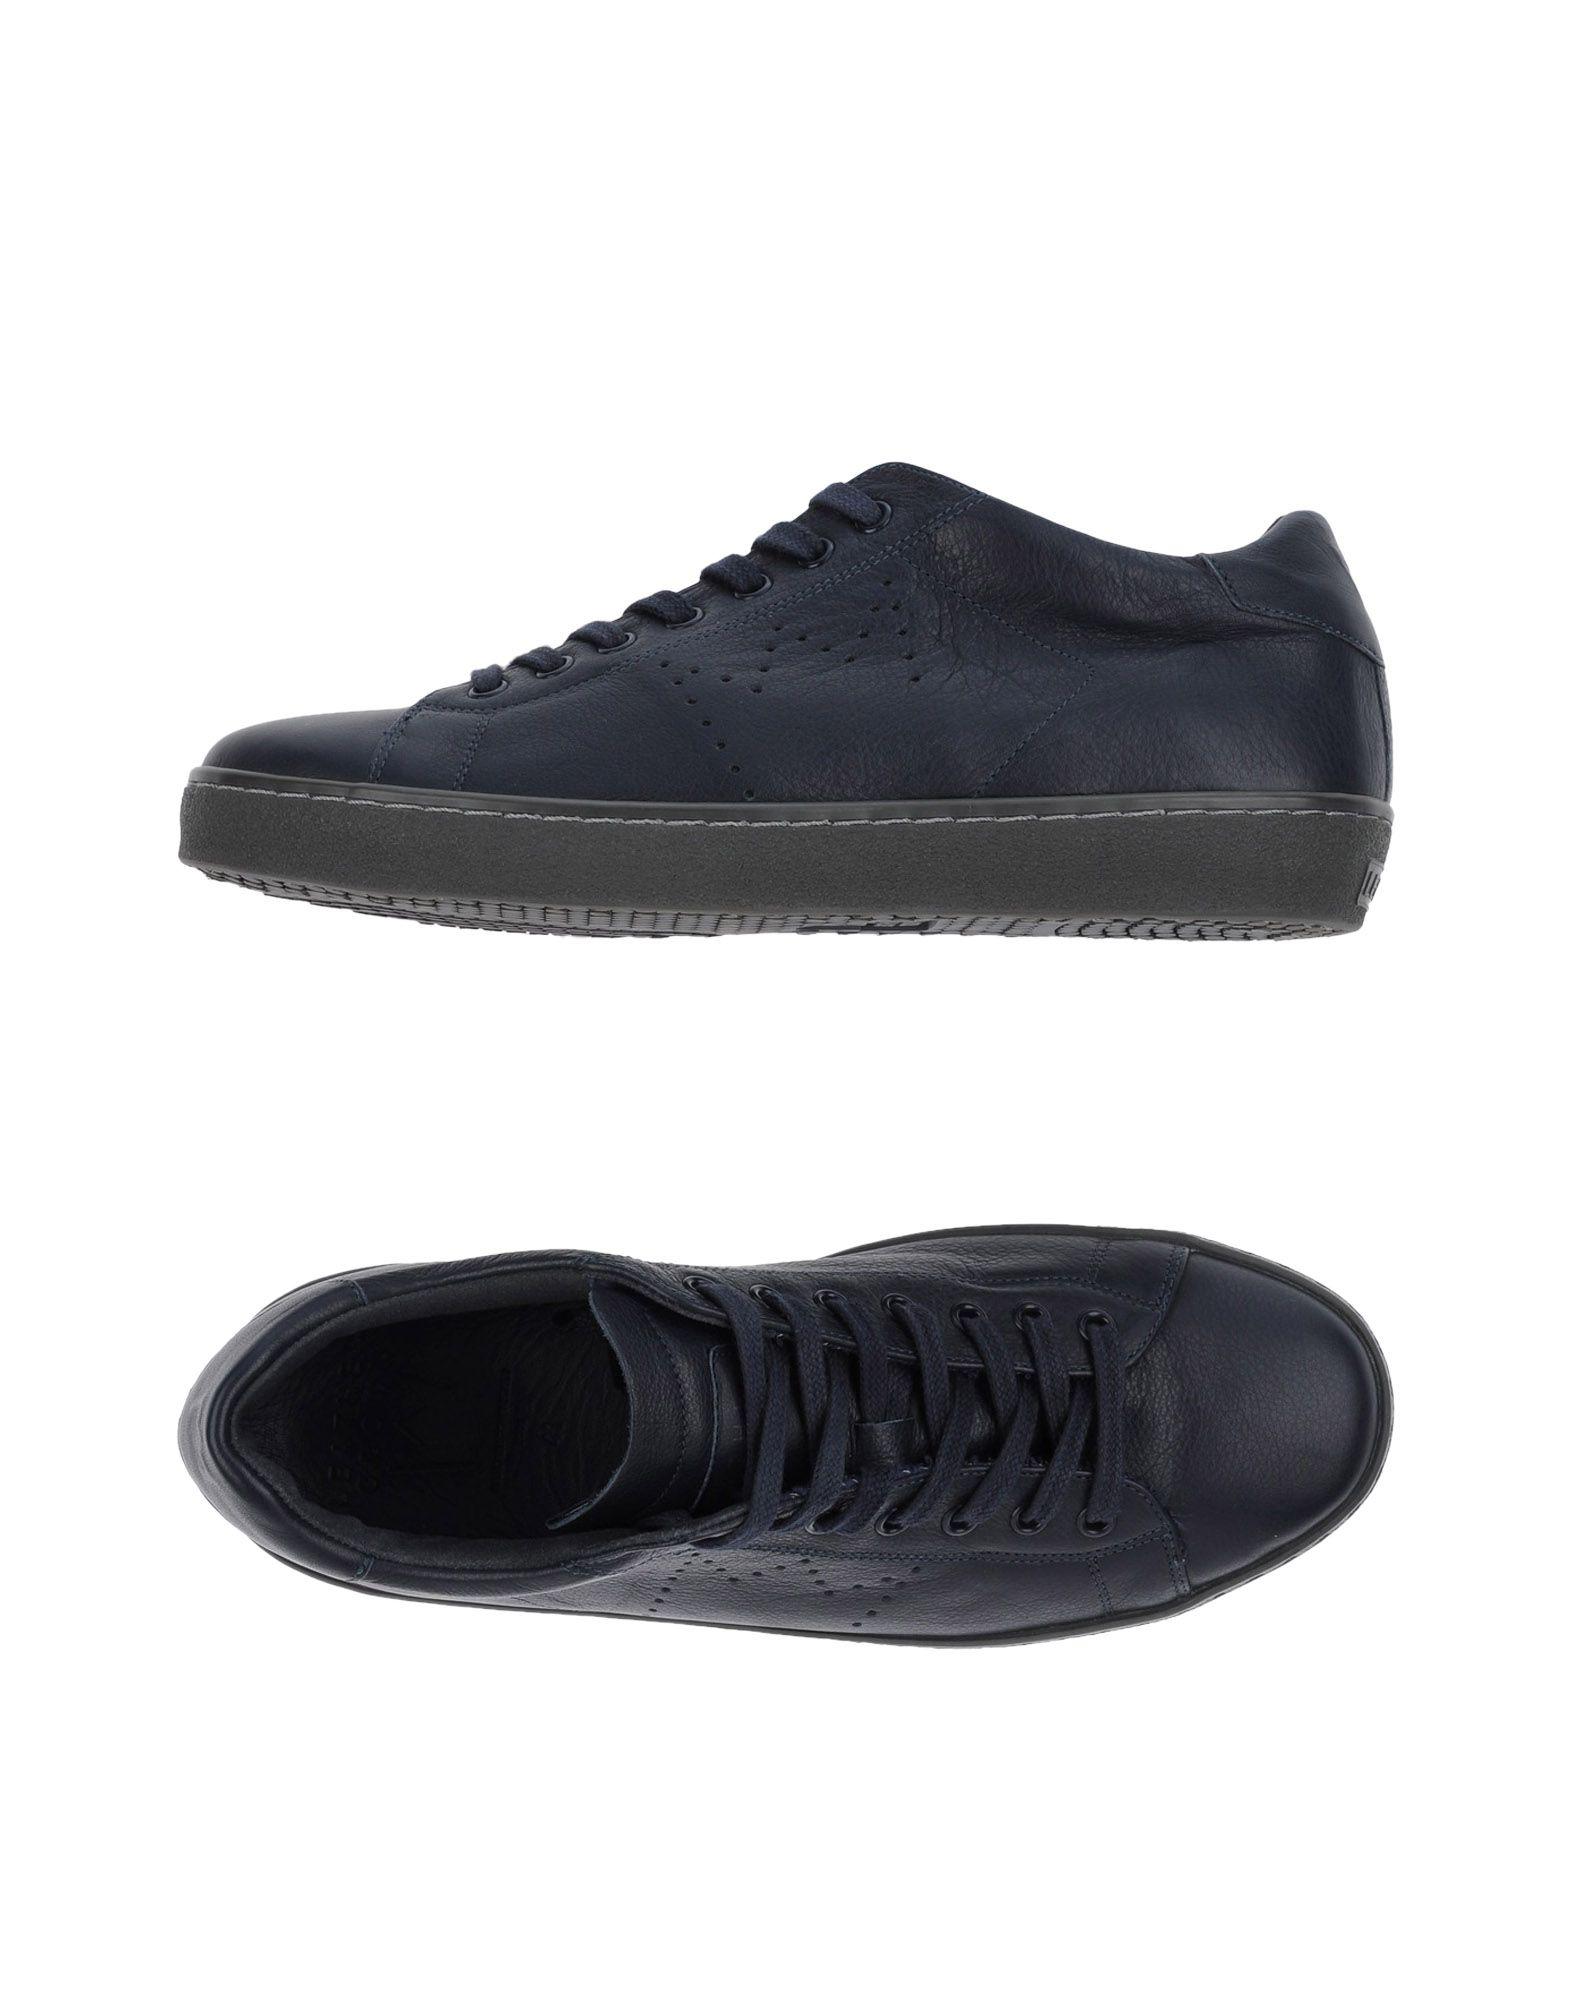 LEATHER CROWN Herren Low Sneakers & Tennisschuhe Farbe Dunkelblau Größe 7